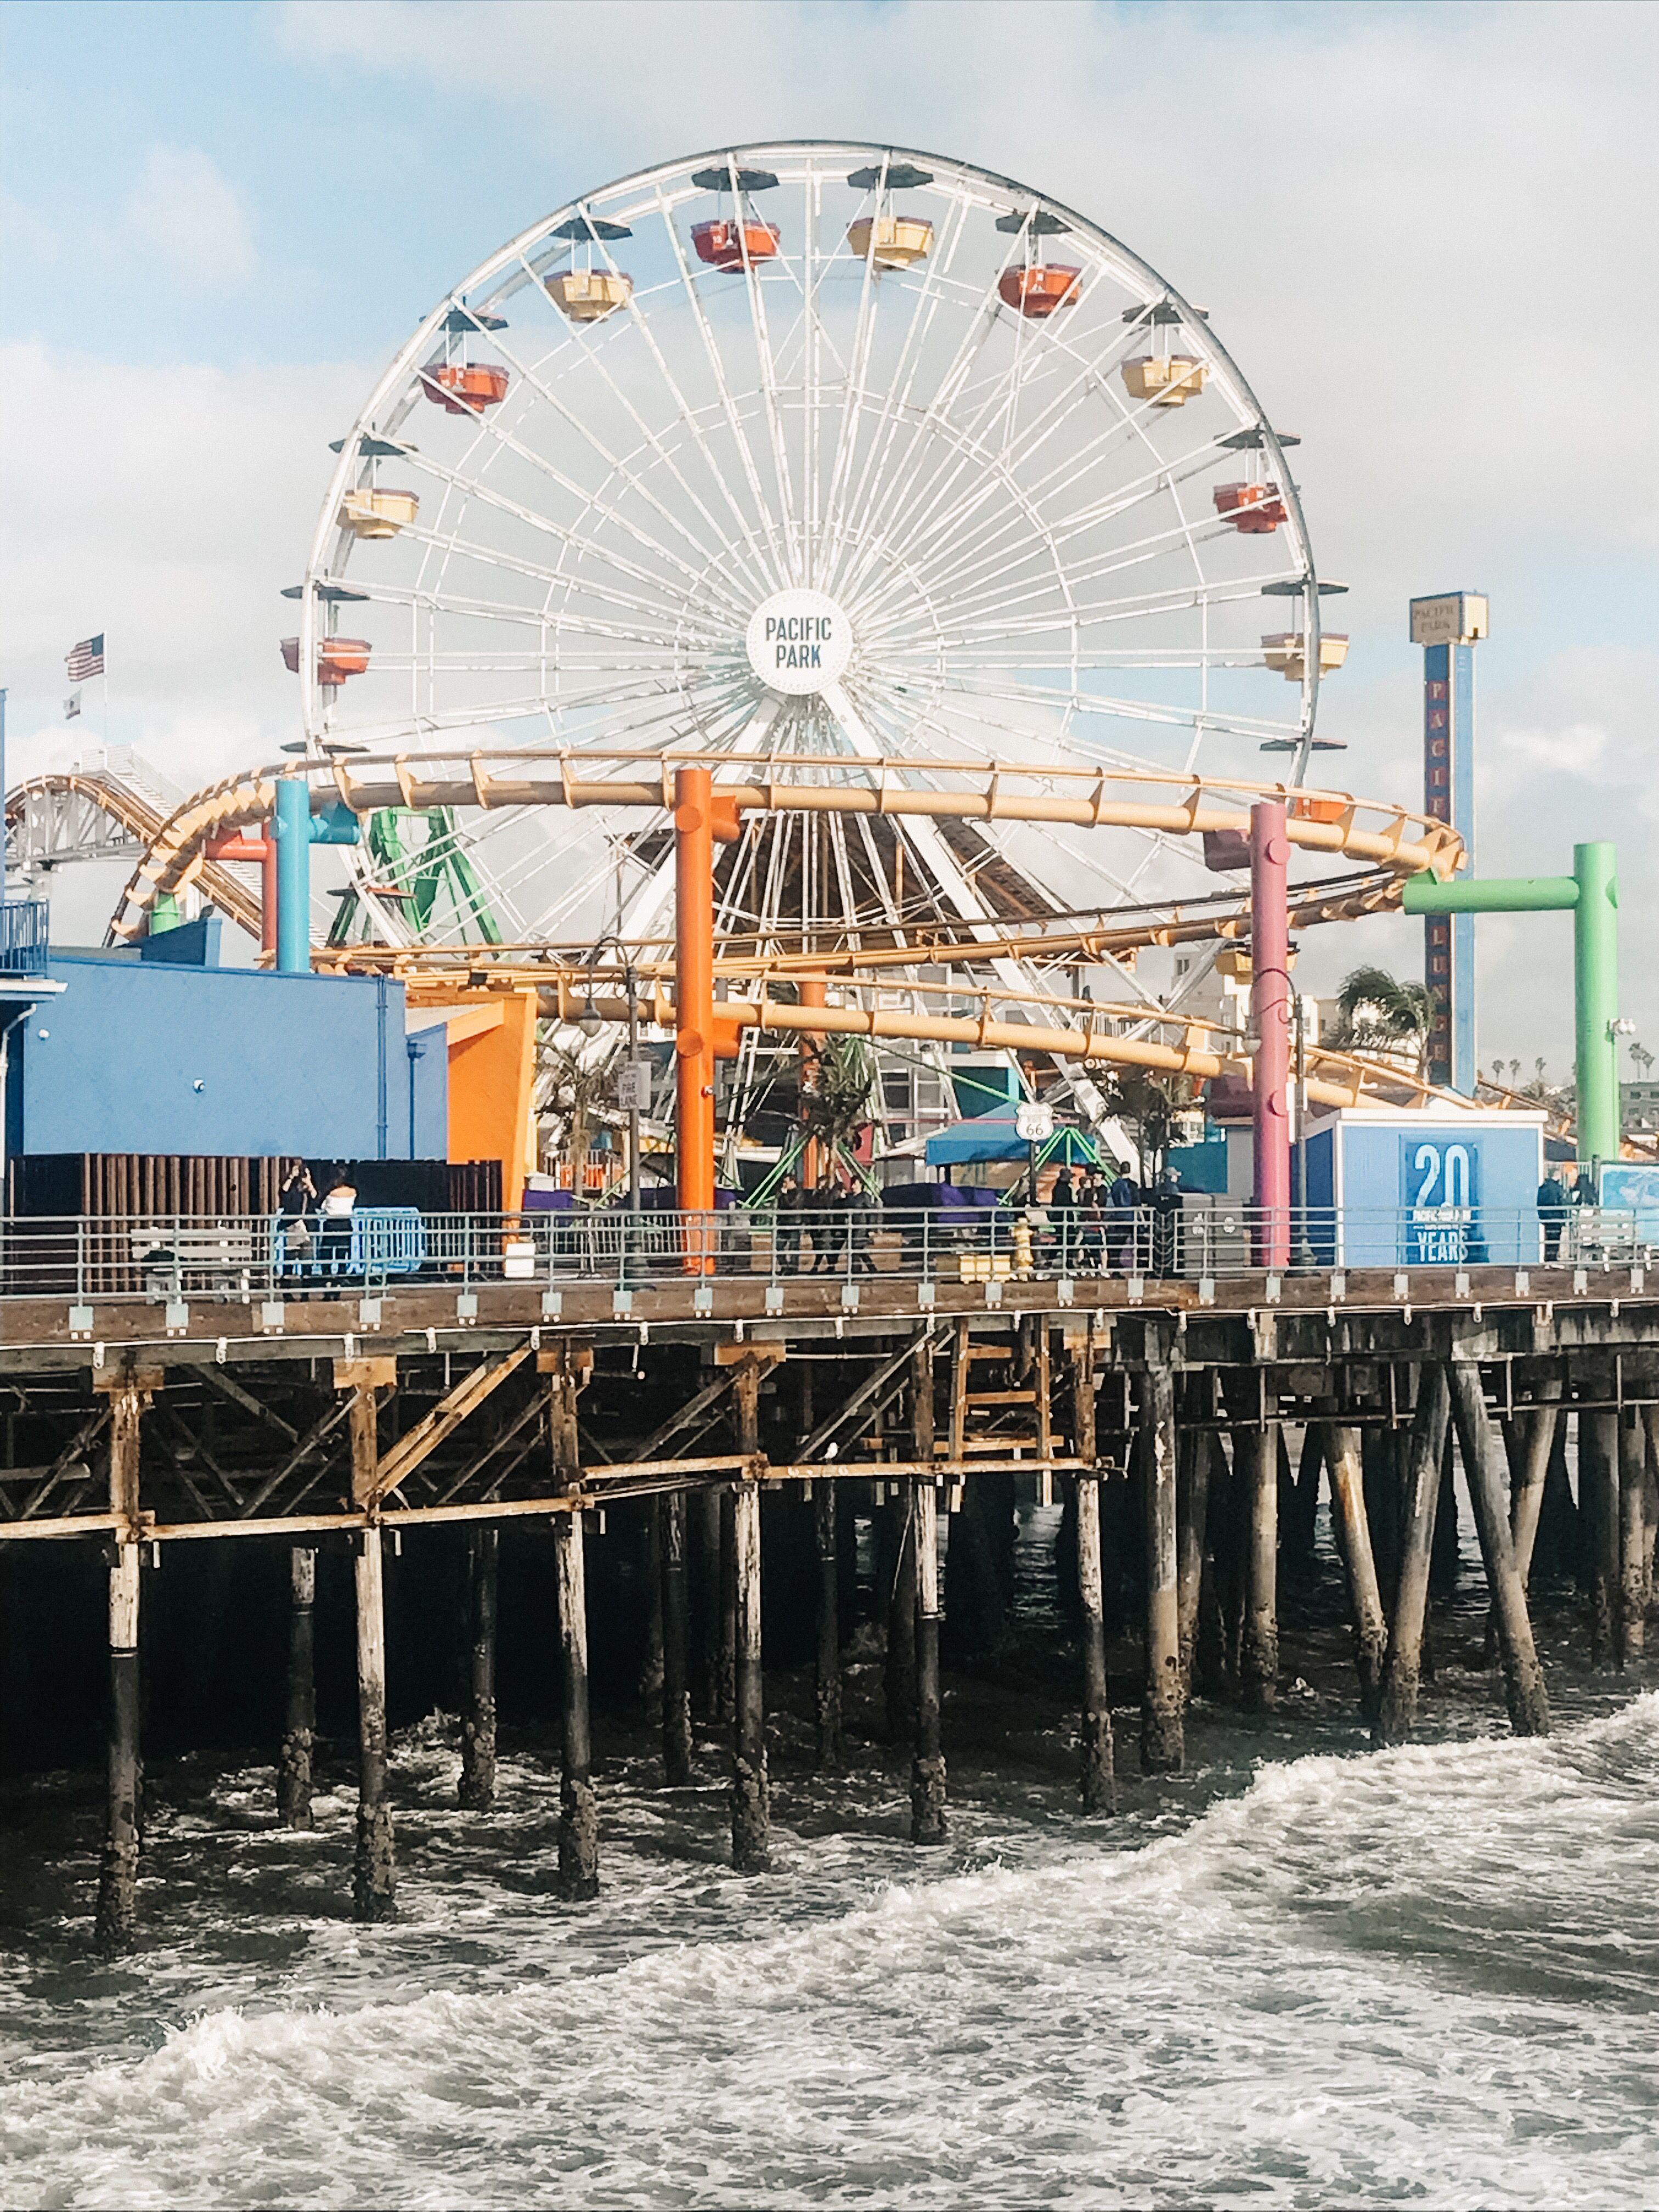 La Santamonica Ferriswheel Santa Monica Photo Instagram Photo